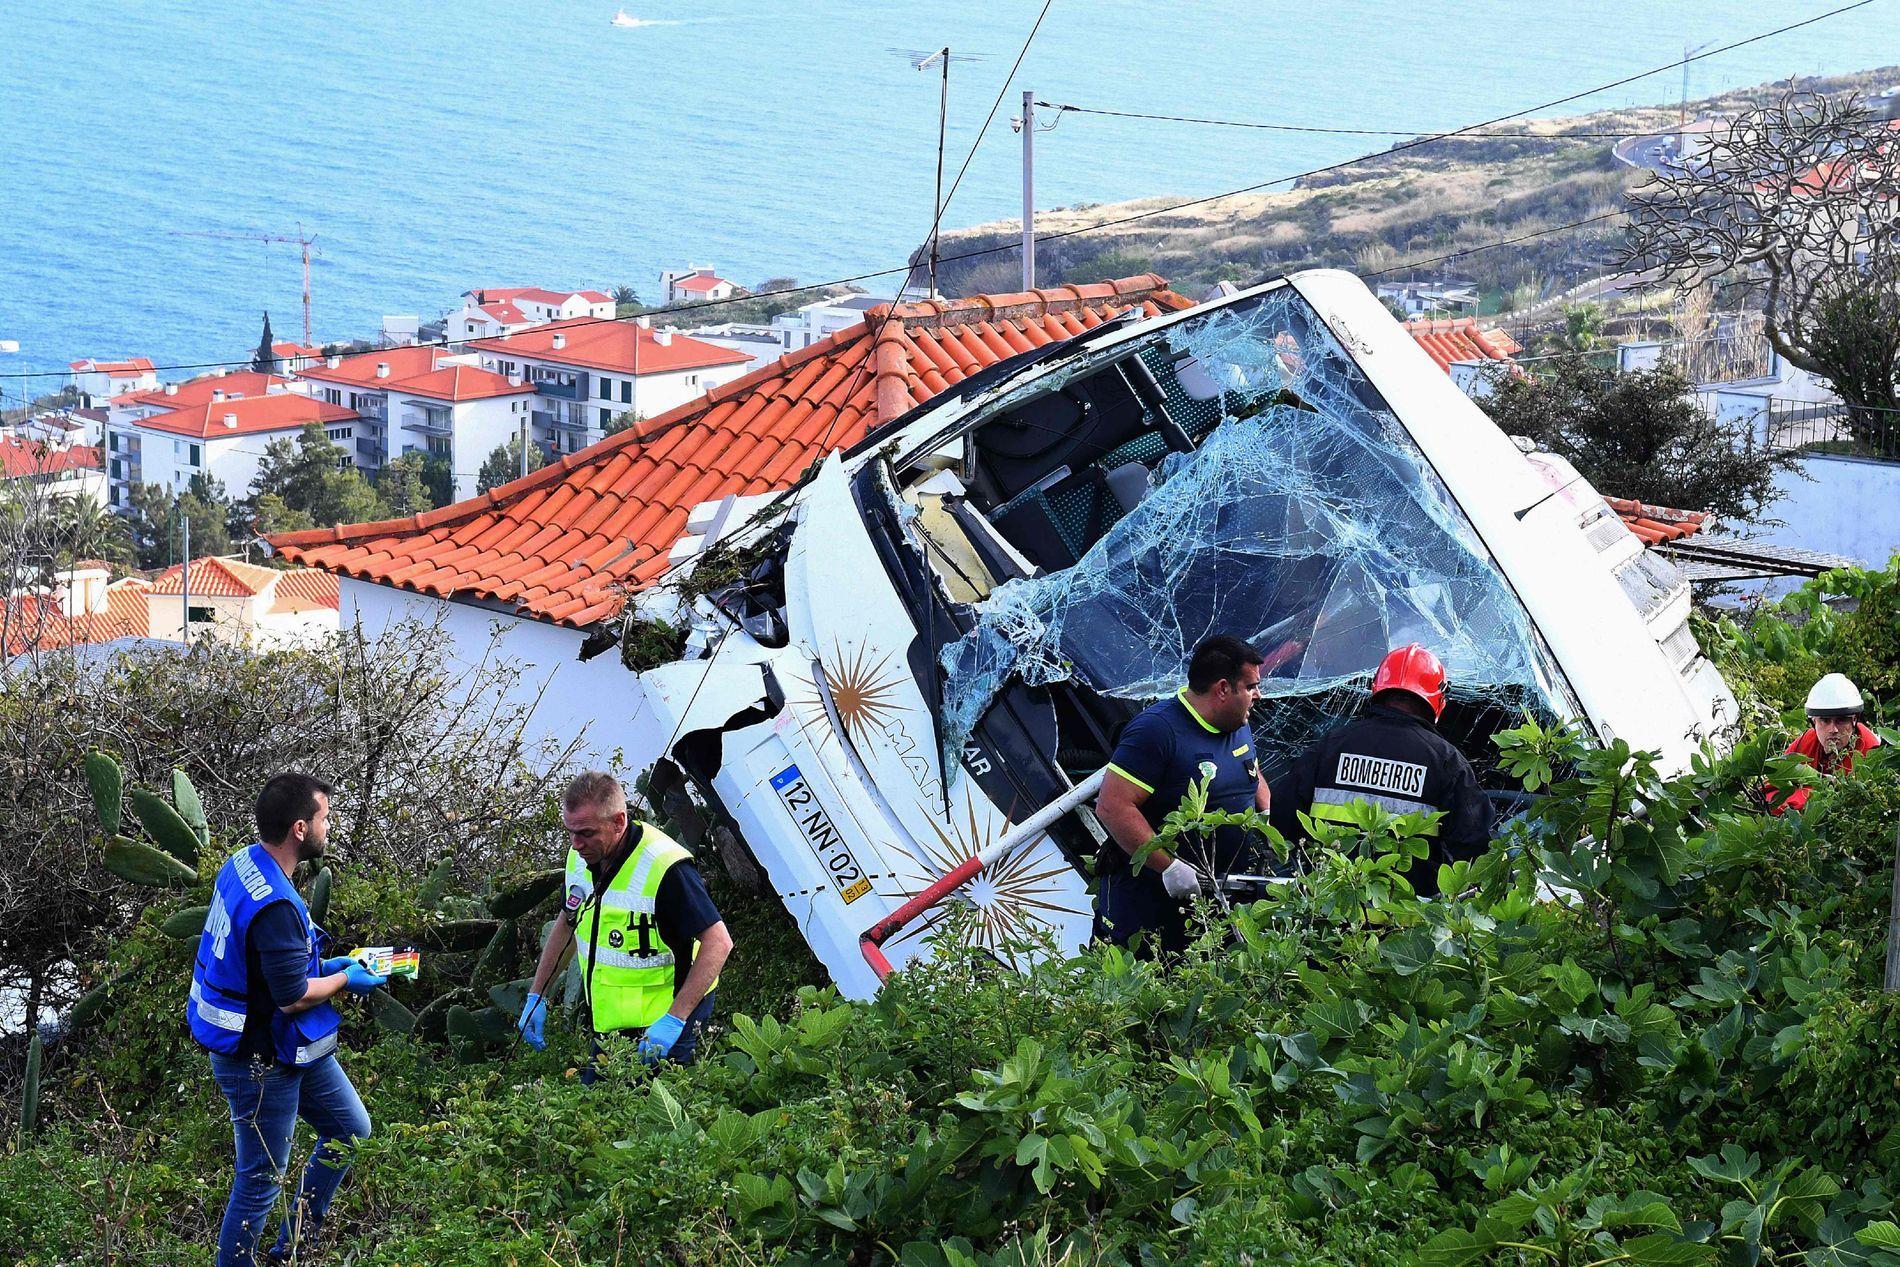 Portugisiske myndigheter har startet etterforskning av ulykken.